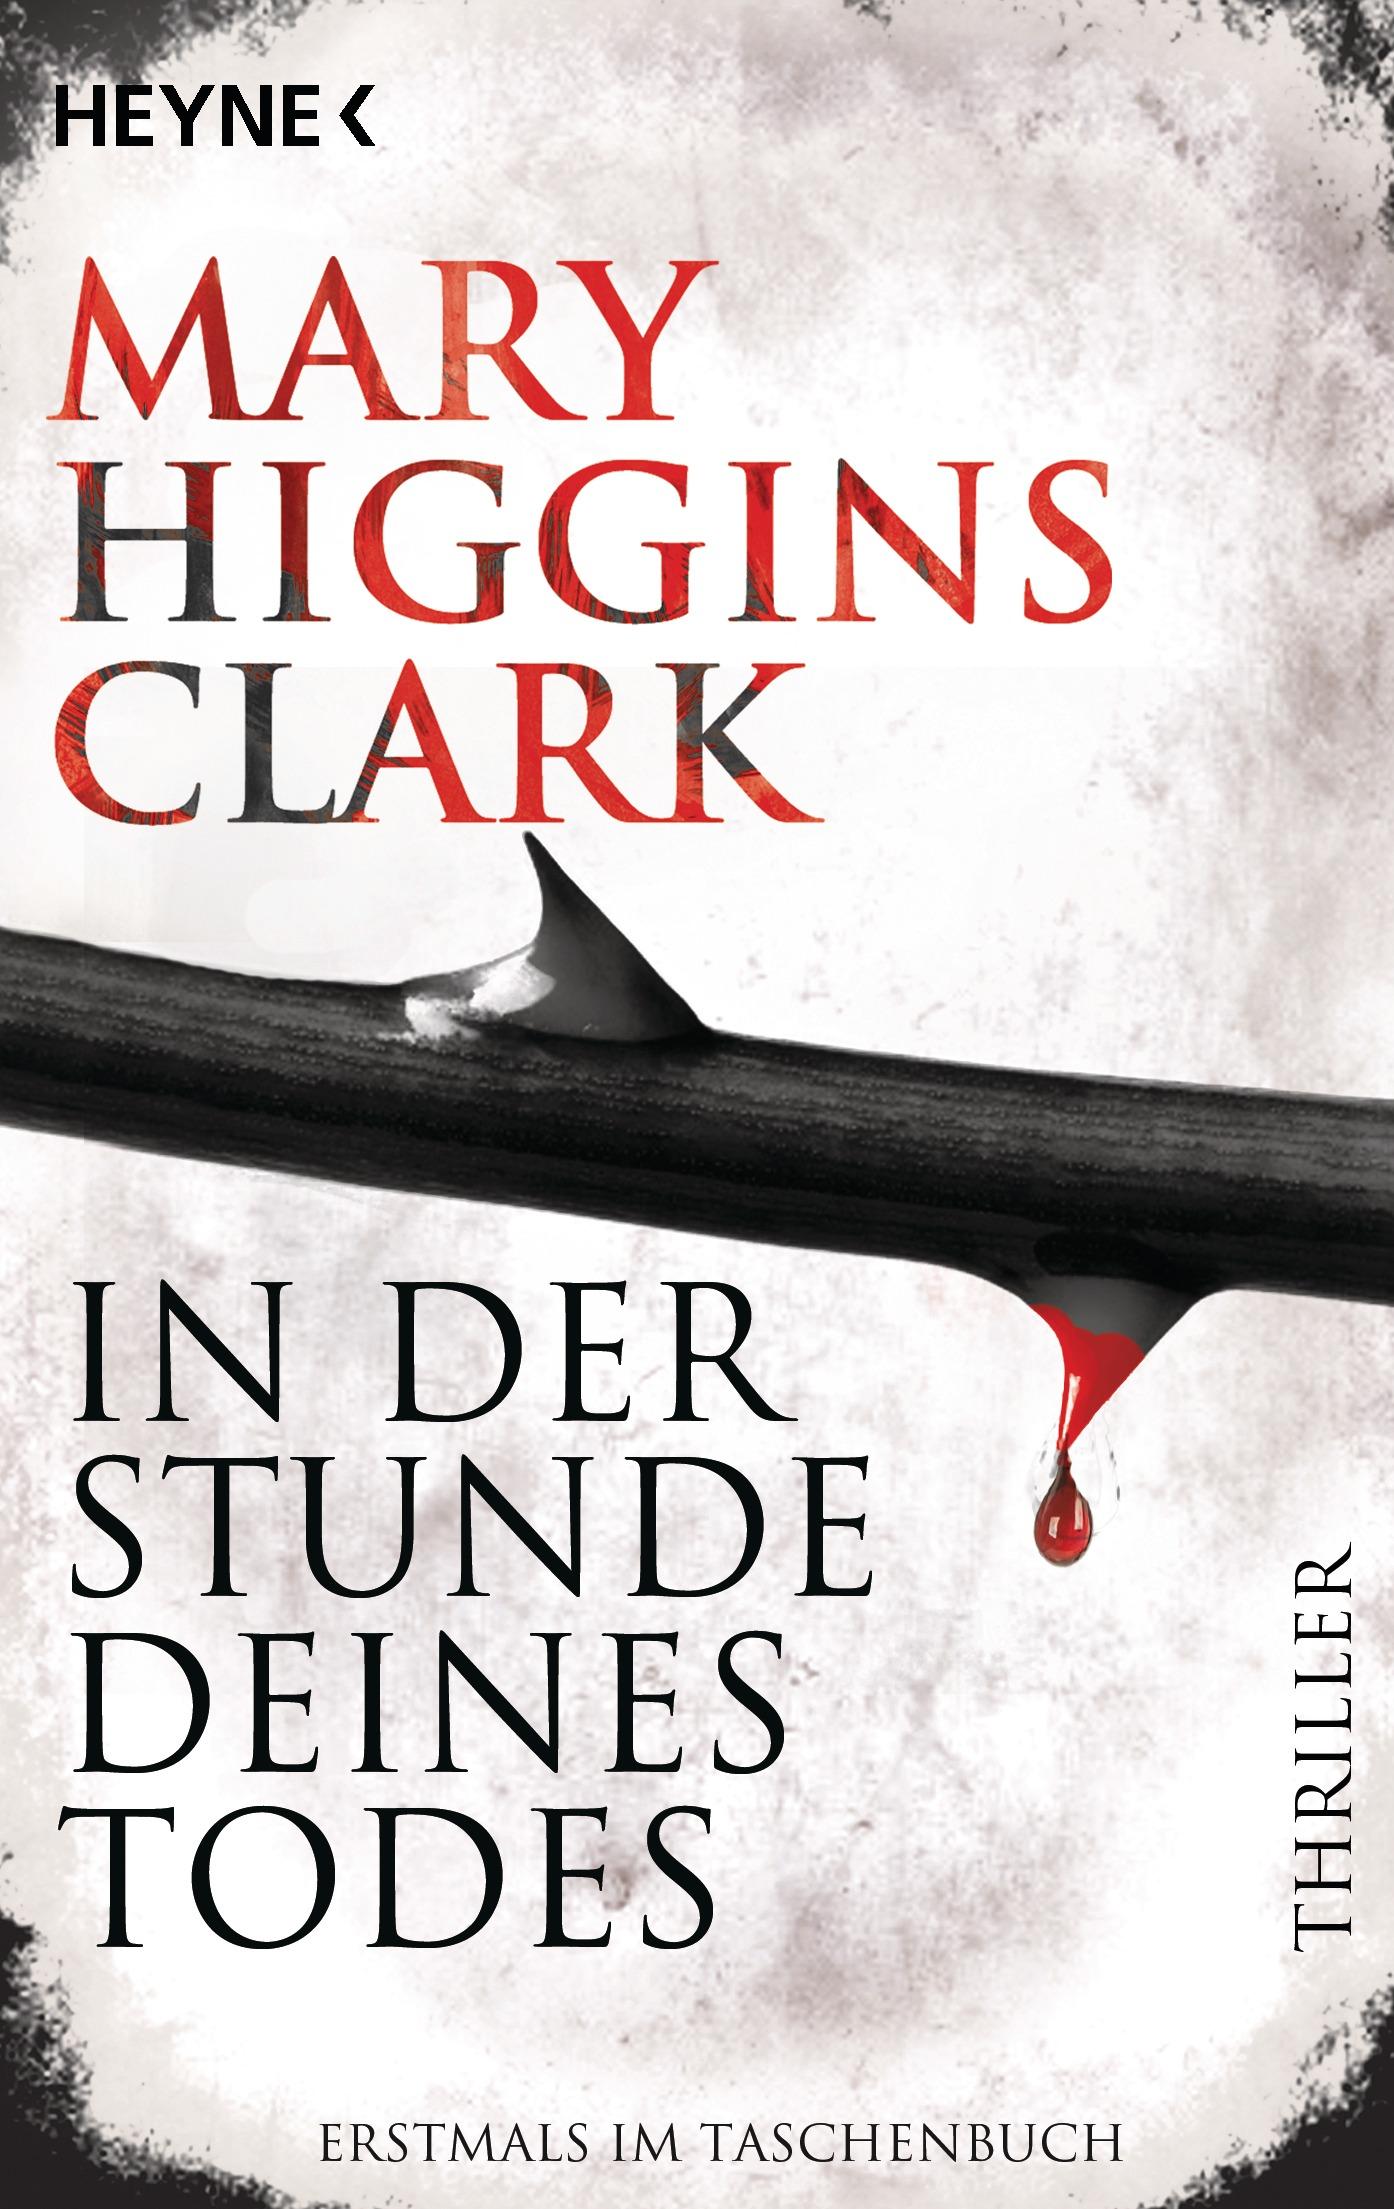 In der Stunde deines Todes - Mary Higgins Clark